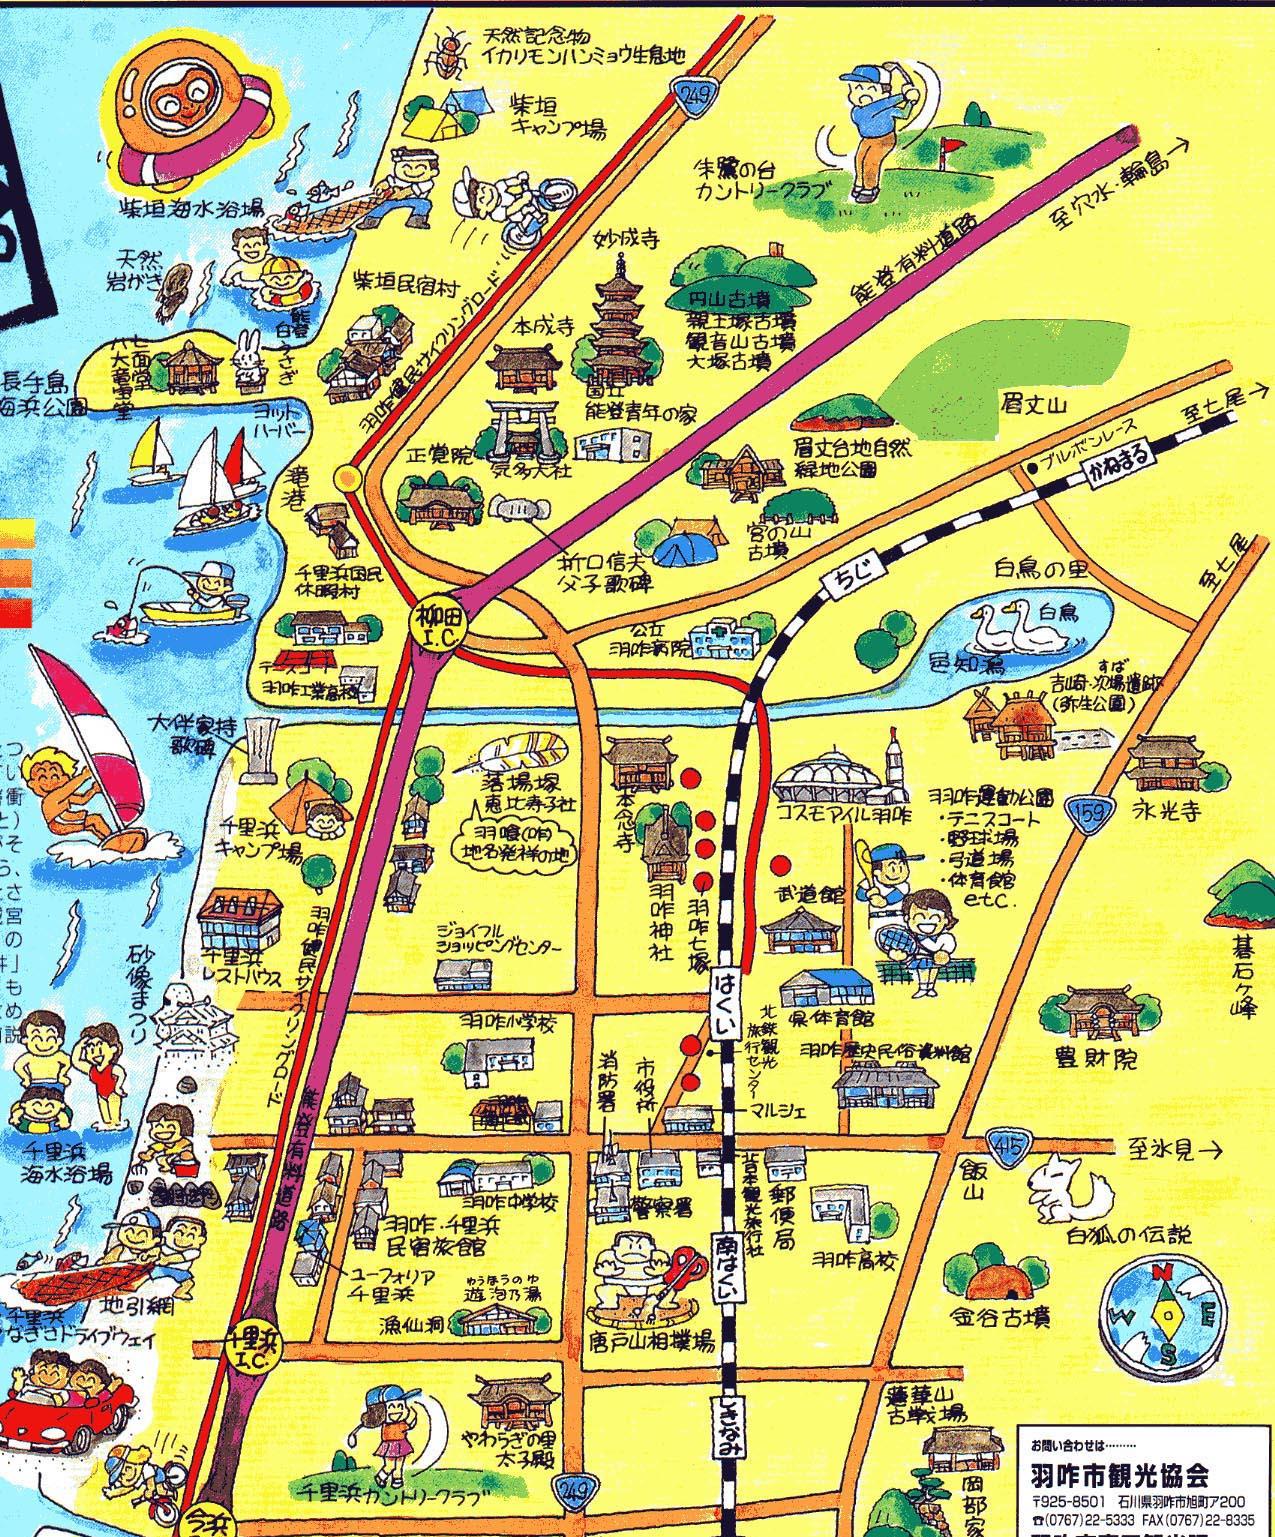 石川県羽咋市いしかわけん はくい し